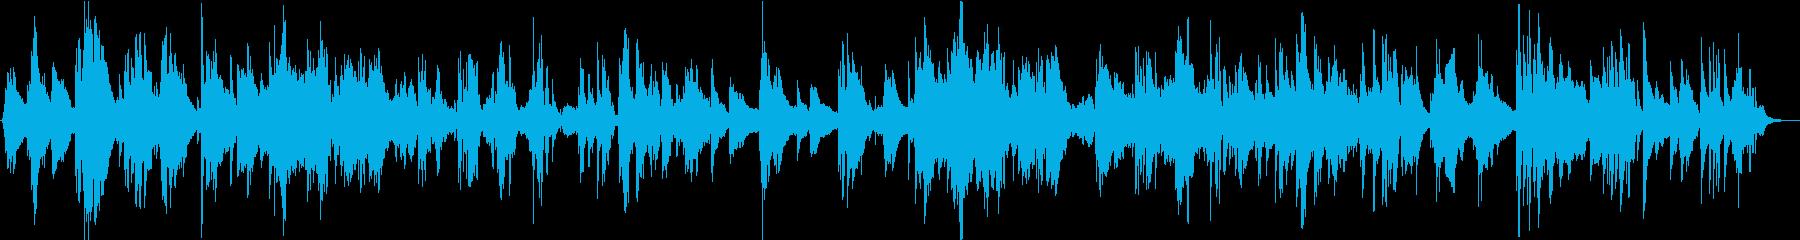 サックスのソロとベースのピアノバラード。の再生済みの波形